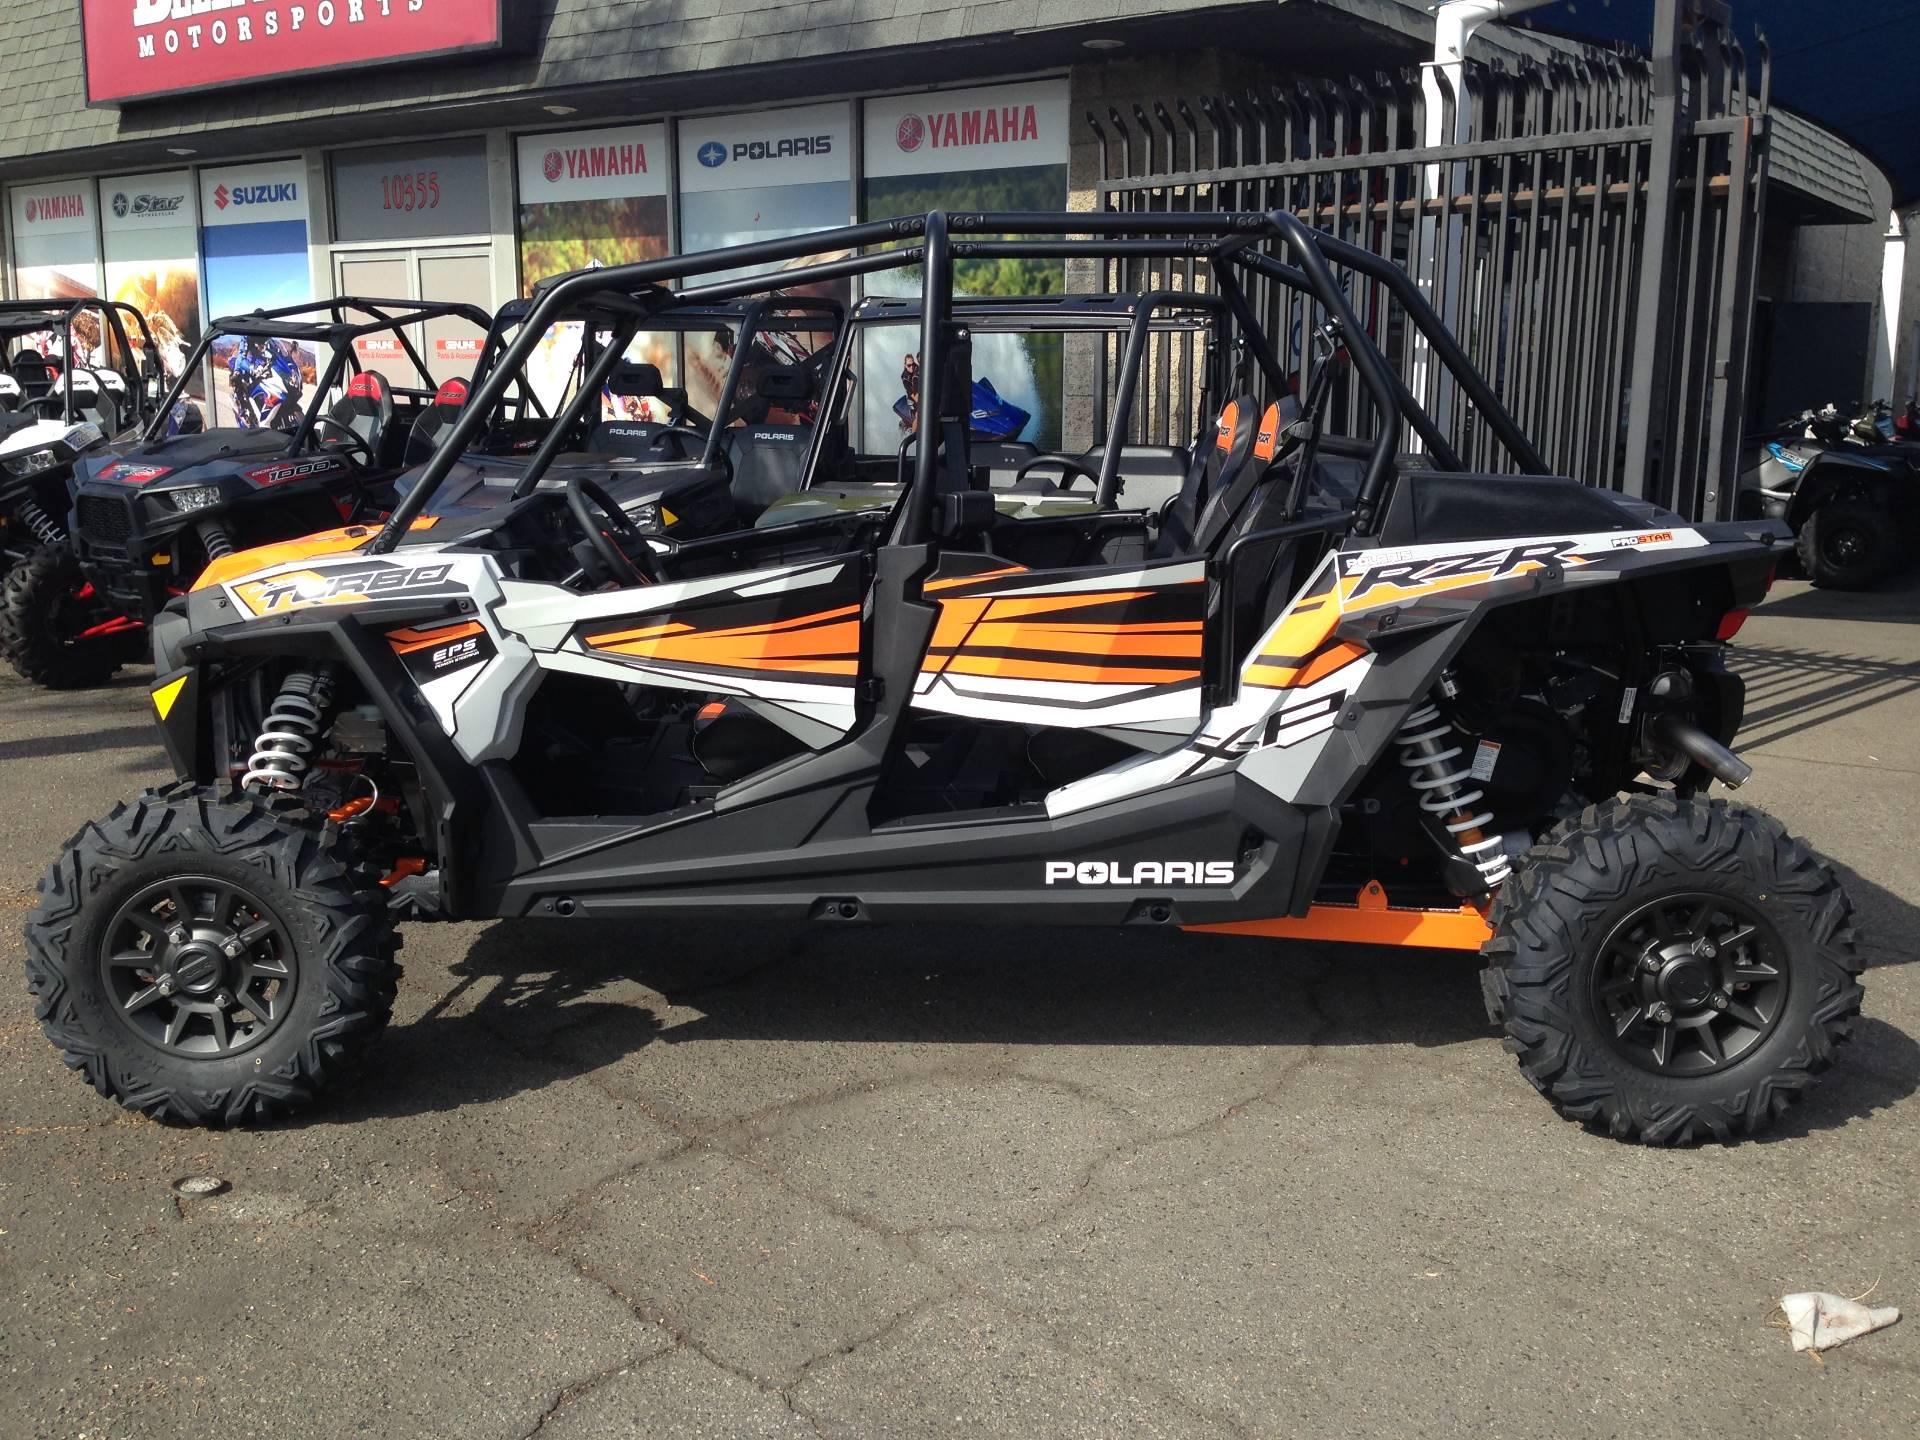 2018 Polaris RZR XP 4 Turbo EPS 8